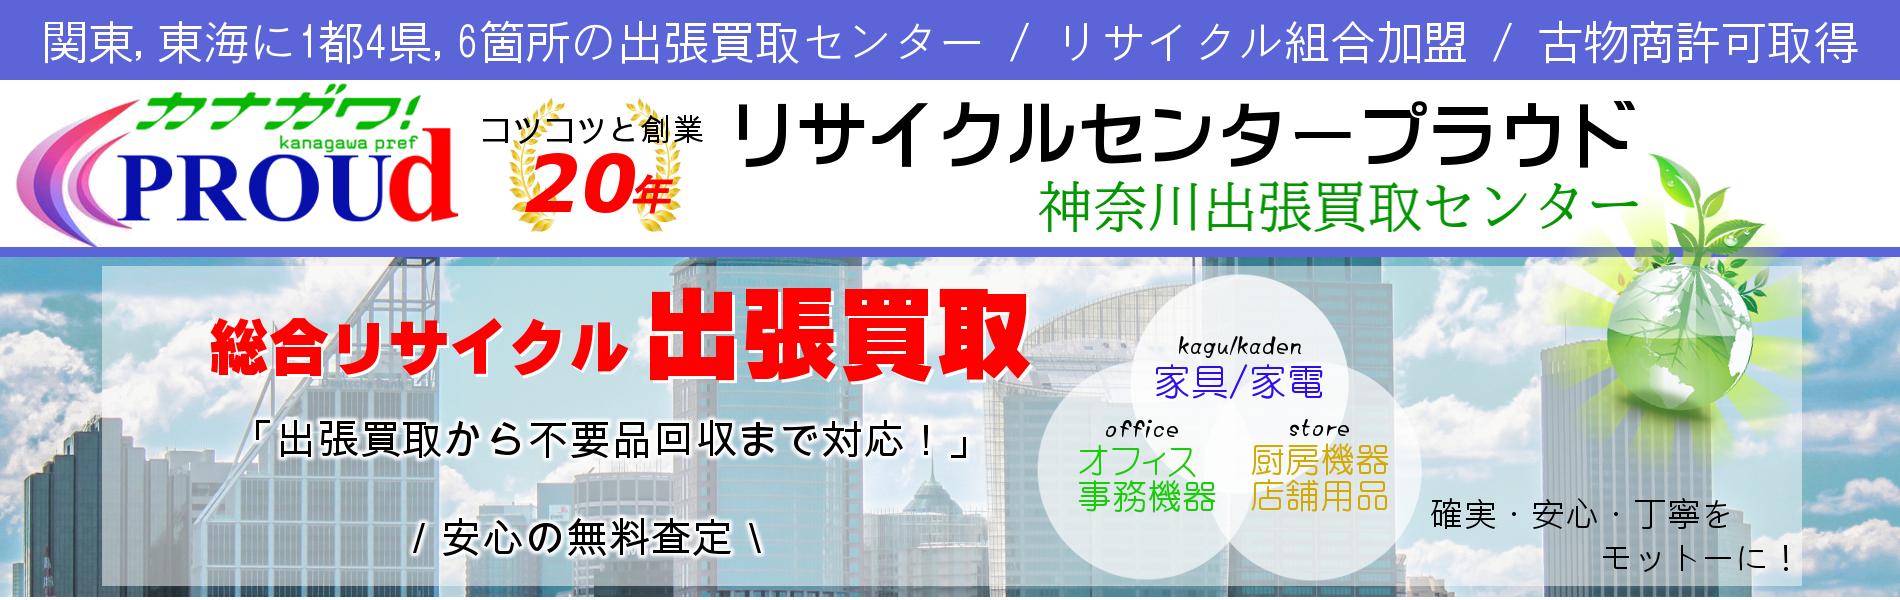 買取 神奈川